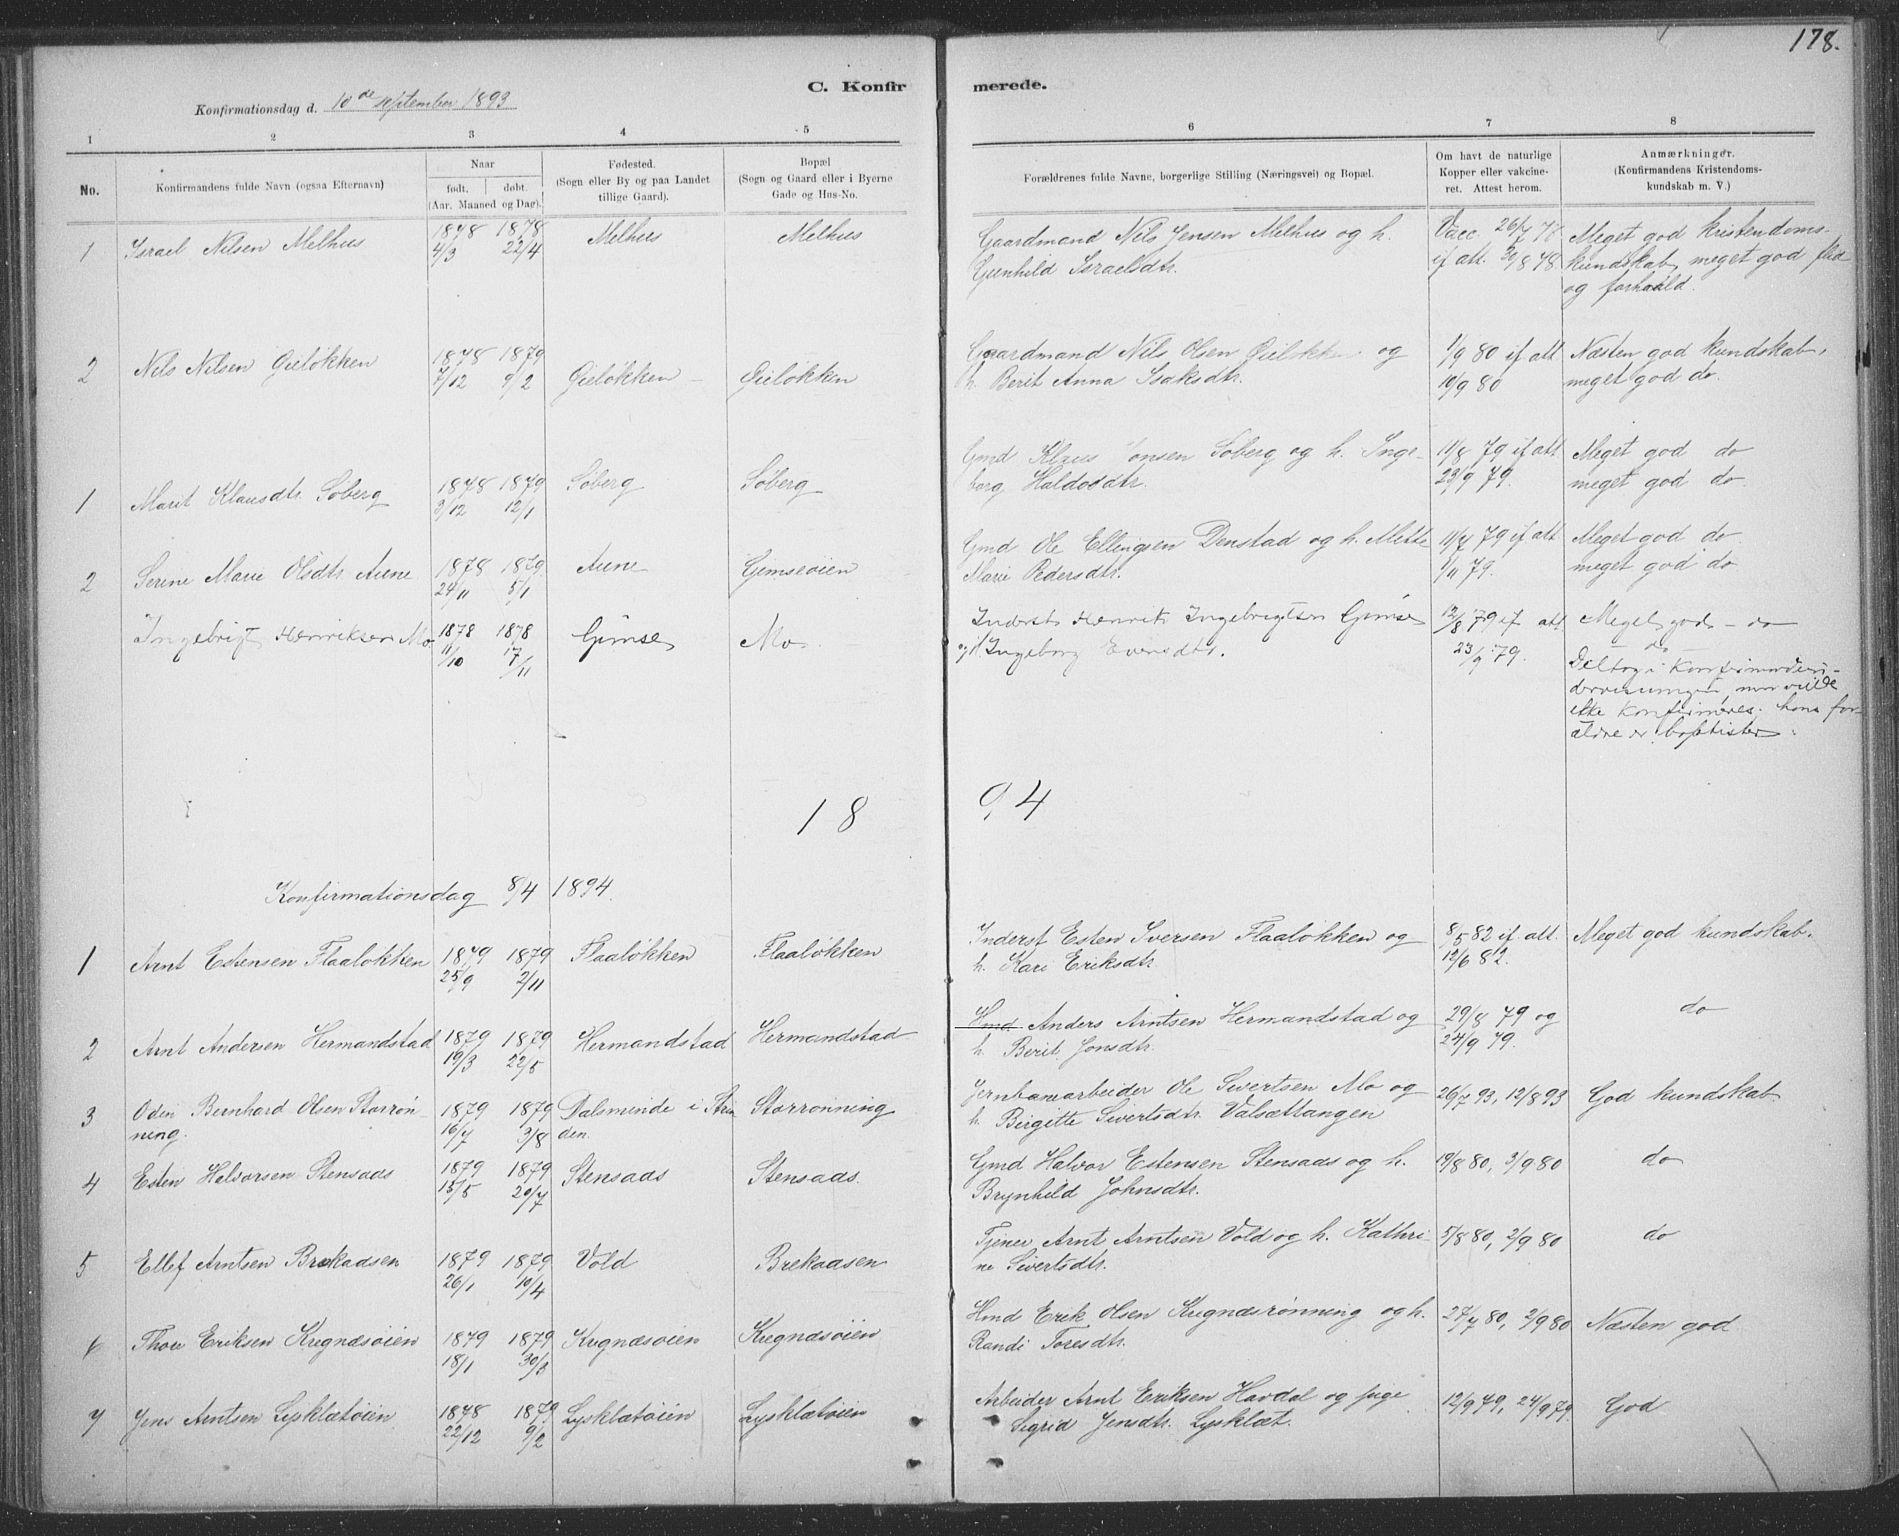 SAT, Ministerialprotokoller, klokkerbøker og fødselsregistre - Sør-Trøndelag, 691/L1085: Ministerialbok nr. 691A17, 1887-1908, s. 178